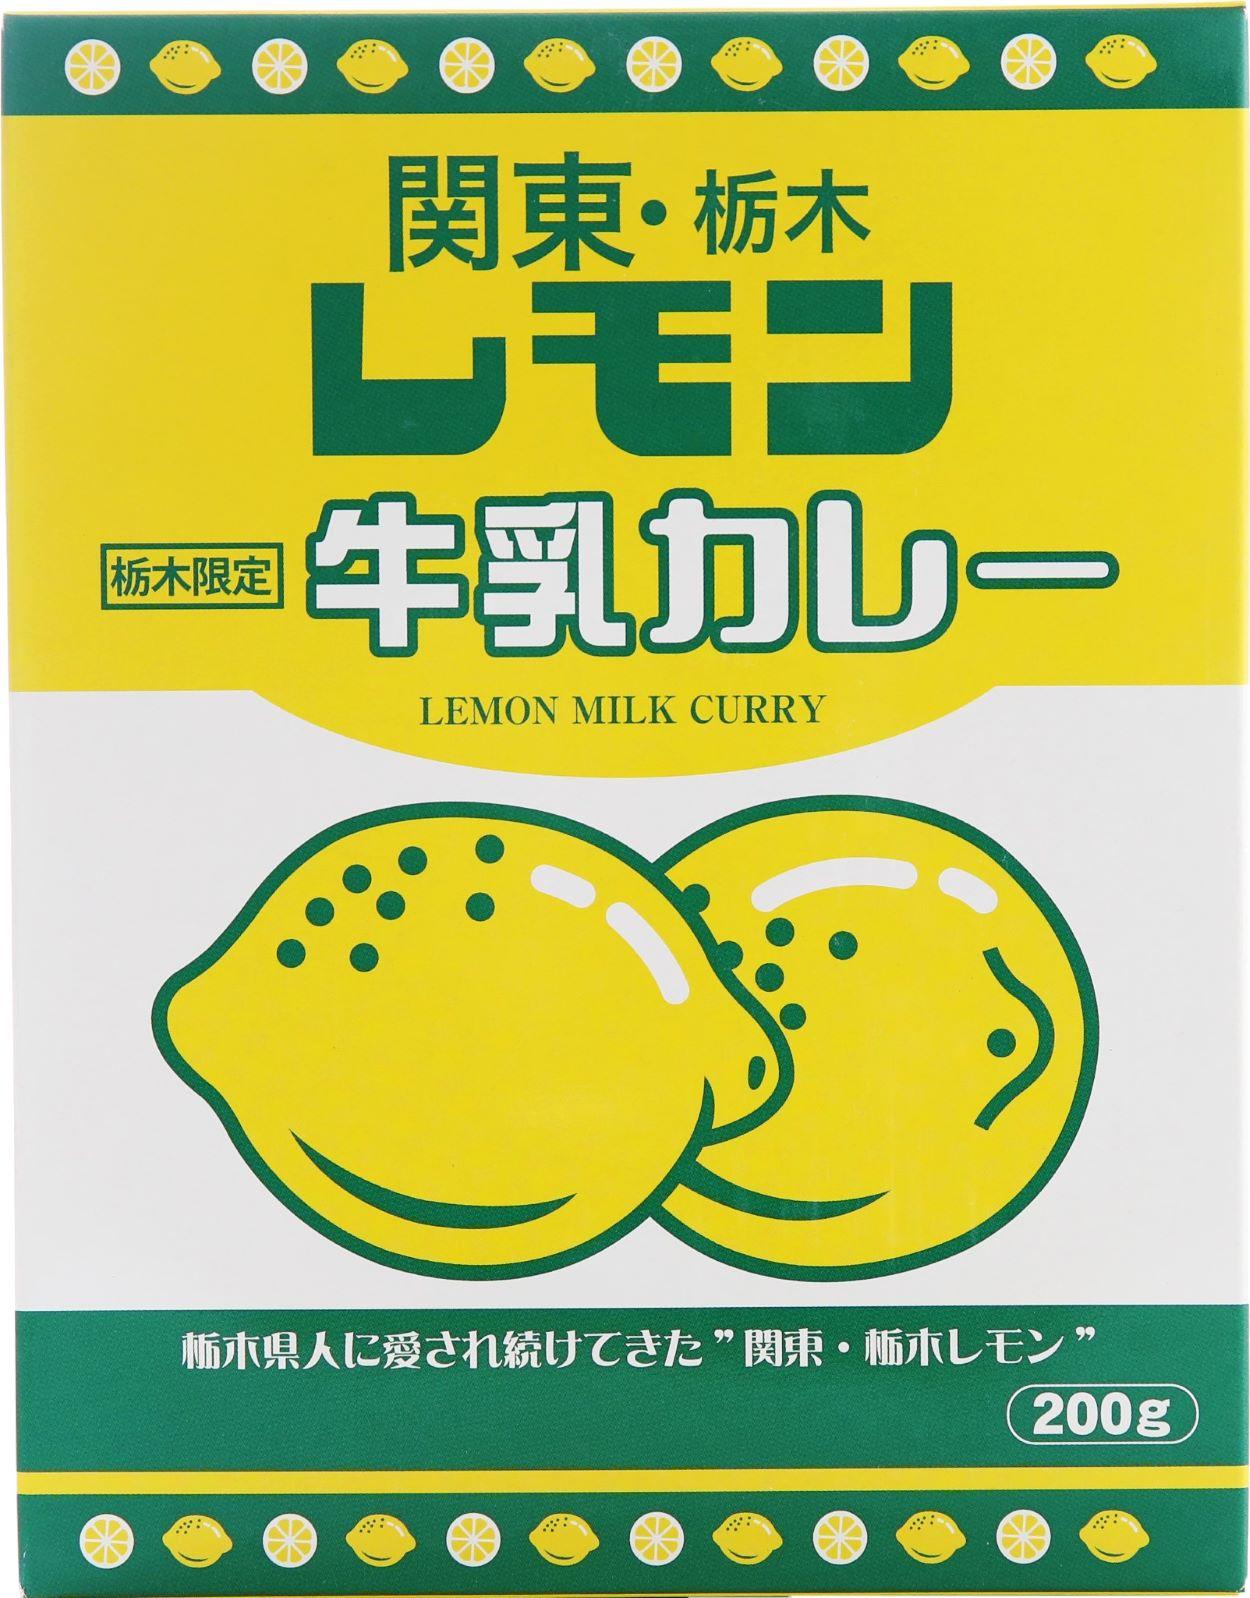 関東・栃木レモン牛乳カレー ※送料込み